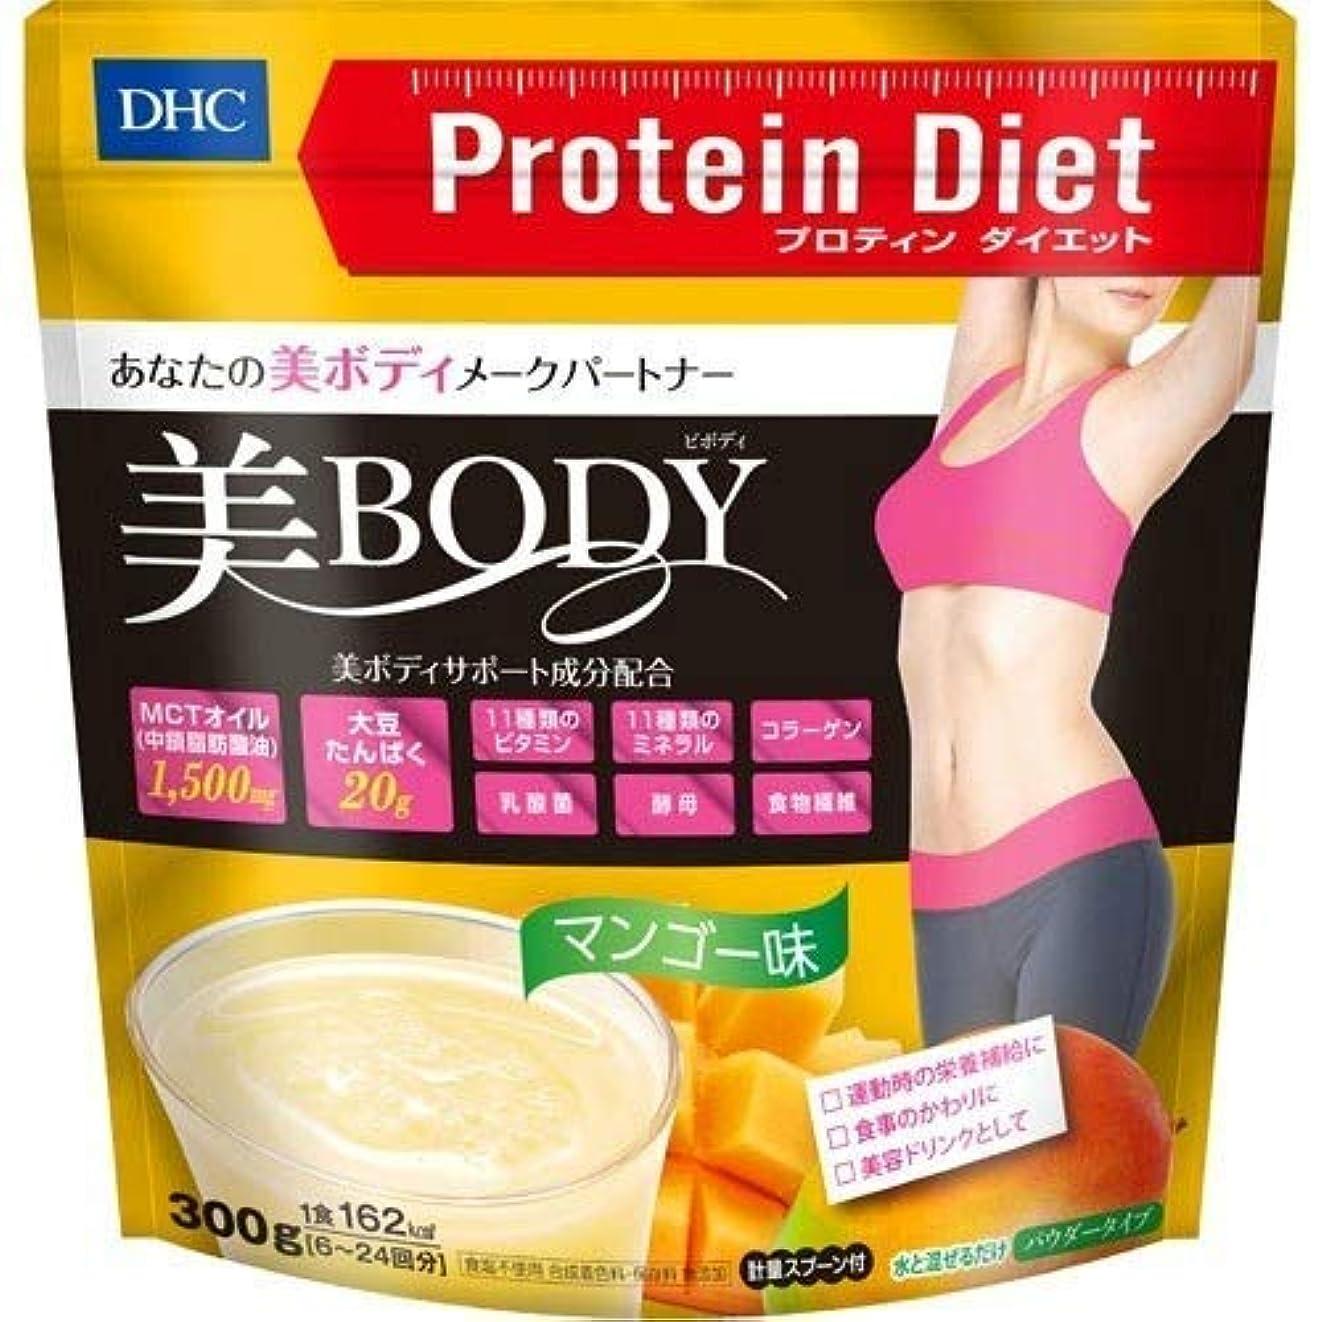 チューリップ品種砂漠DHC プロテインダイエット 美Body マンゴー味 300g × 48個セット